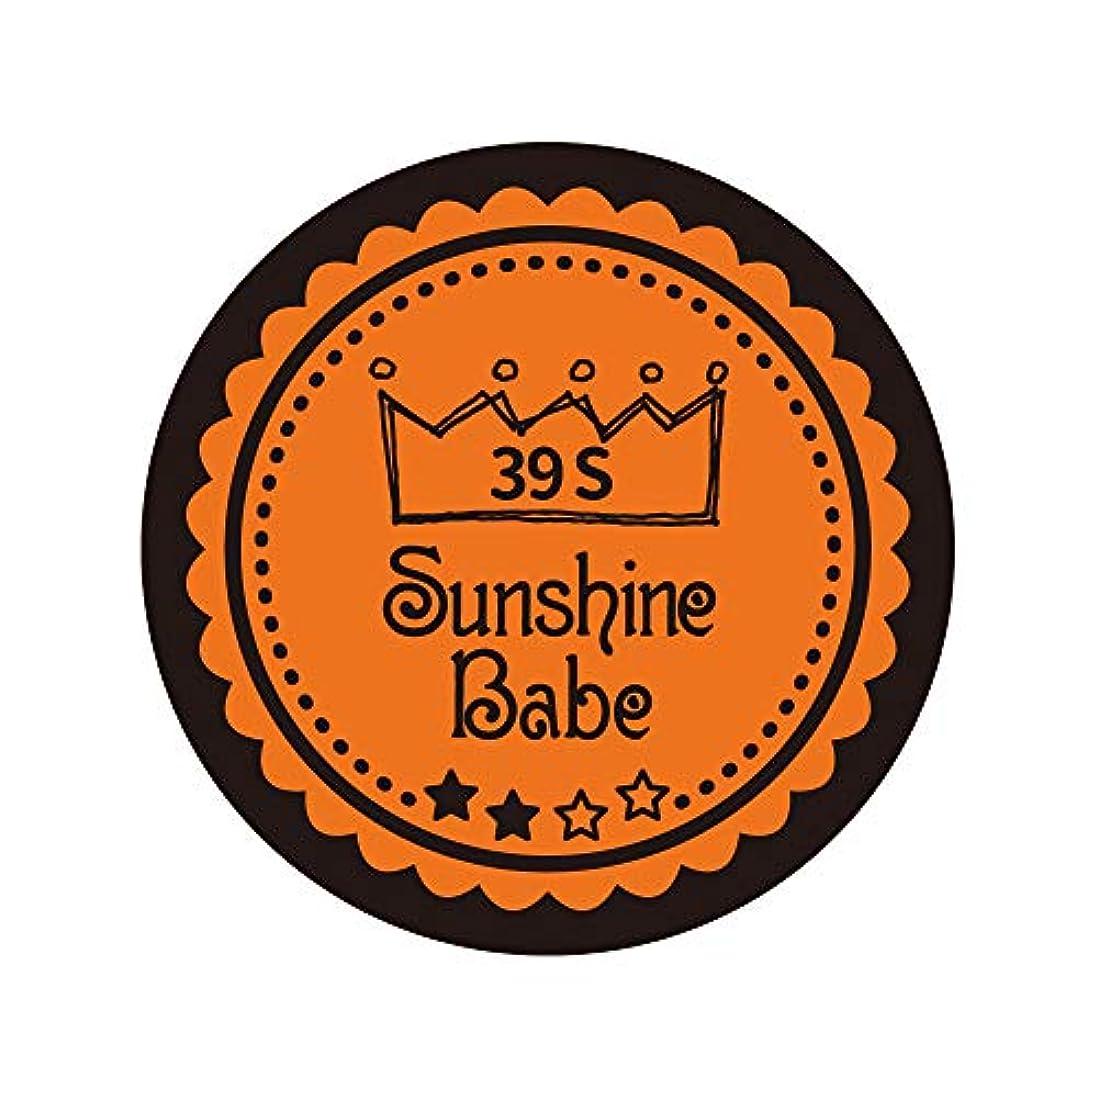 不定スマートアルプスSunshine Babe カラージェル 39S ラセットオレンジ 2.7g UV/LED対応